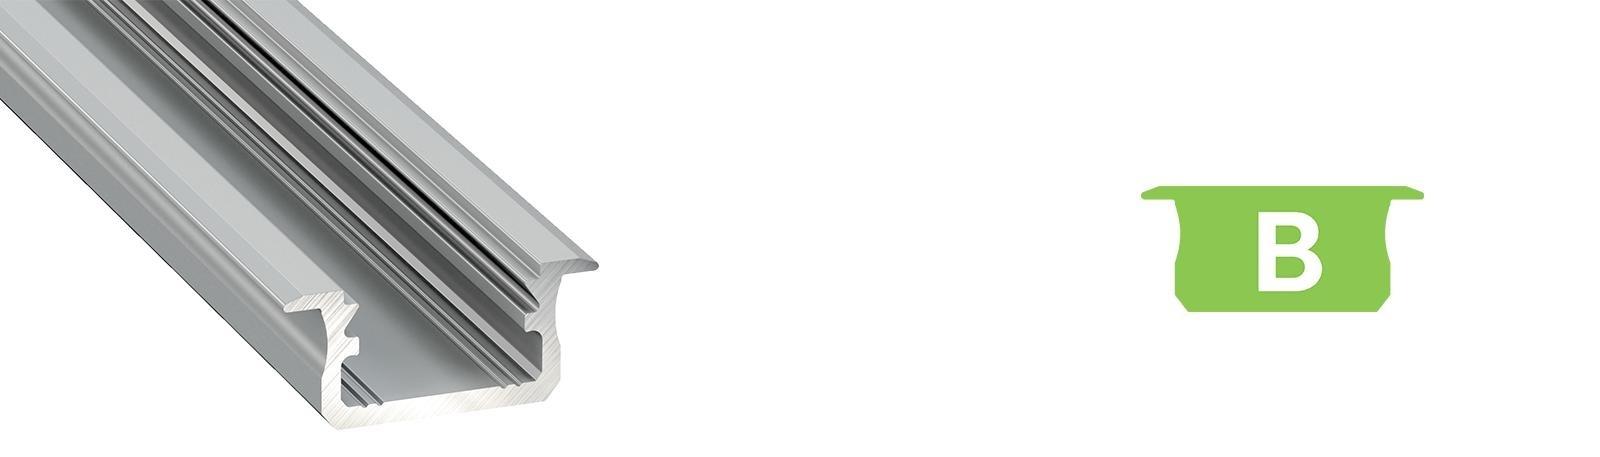 Profil LED podtynkowy typ B